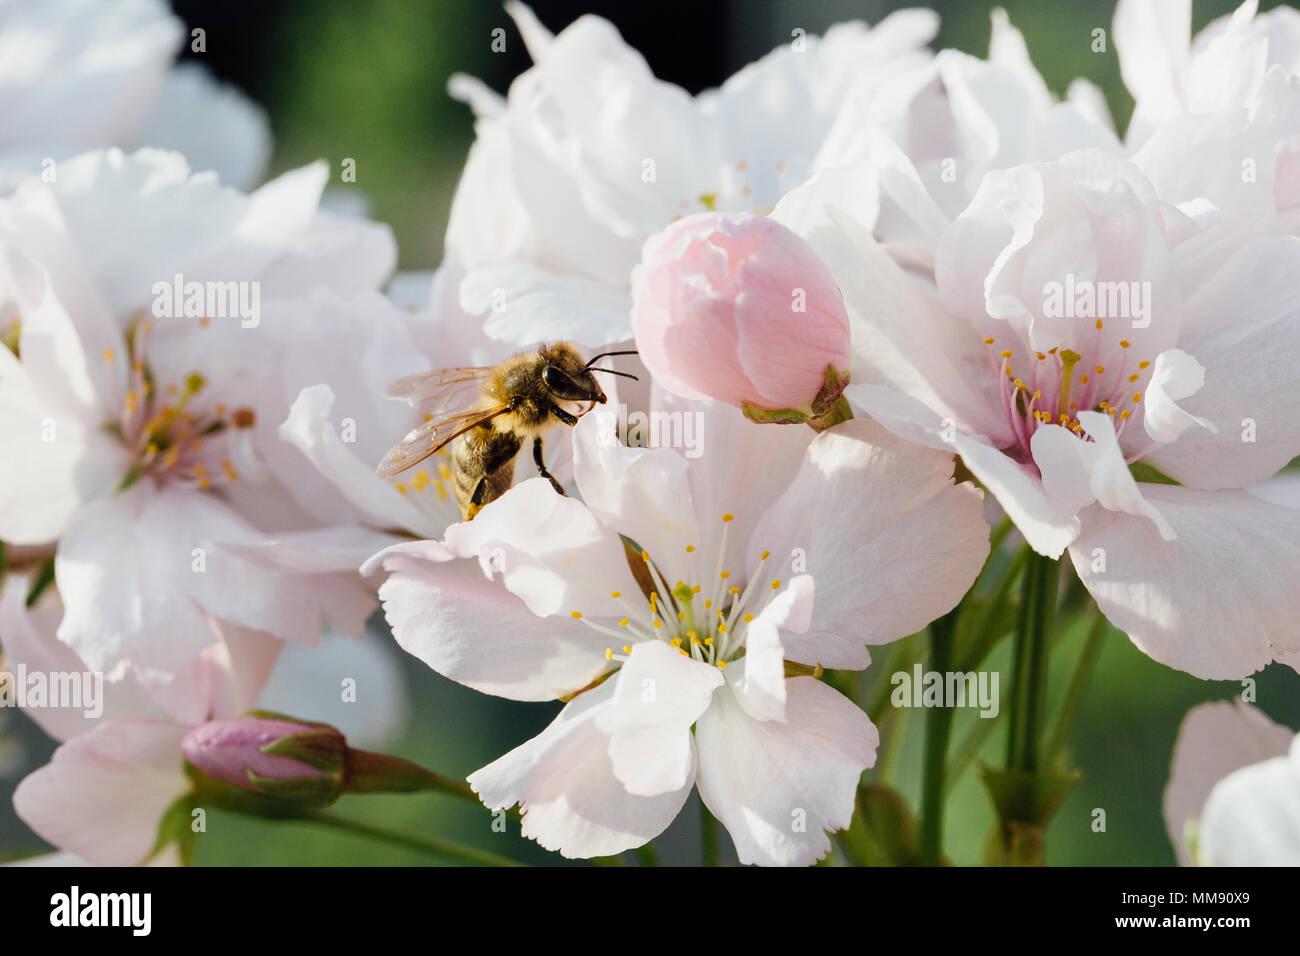 Nahaufnahme von einer Biene bestäubt Kirschbaum Blumen Stockbild